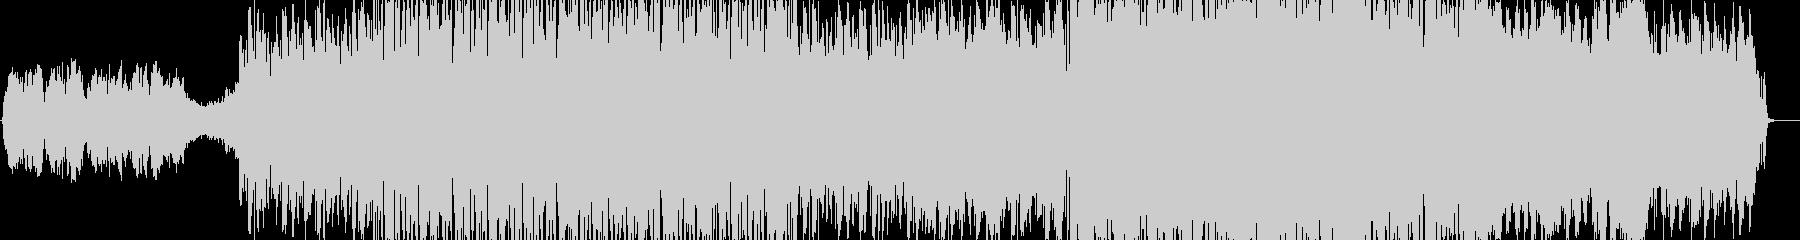 夏の終わりを表現したストリングスBGMの未再生の波形